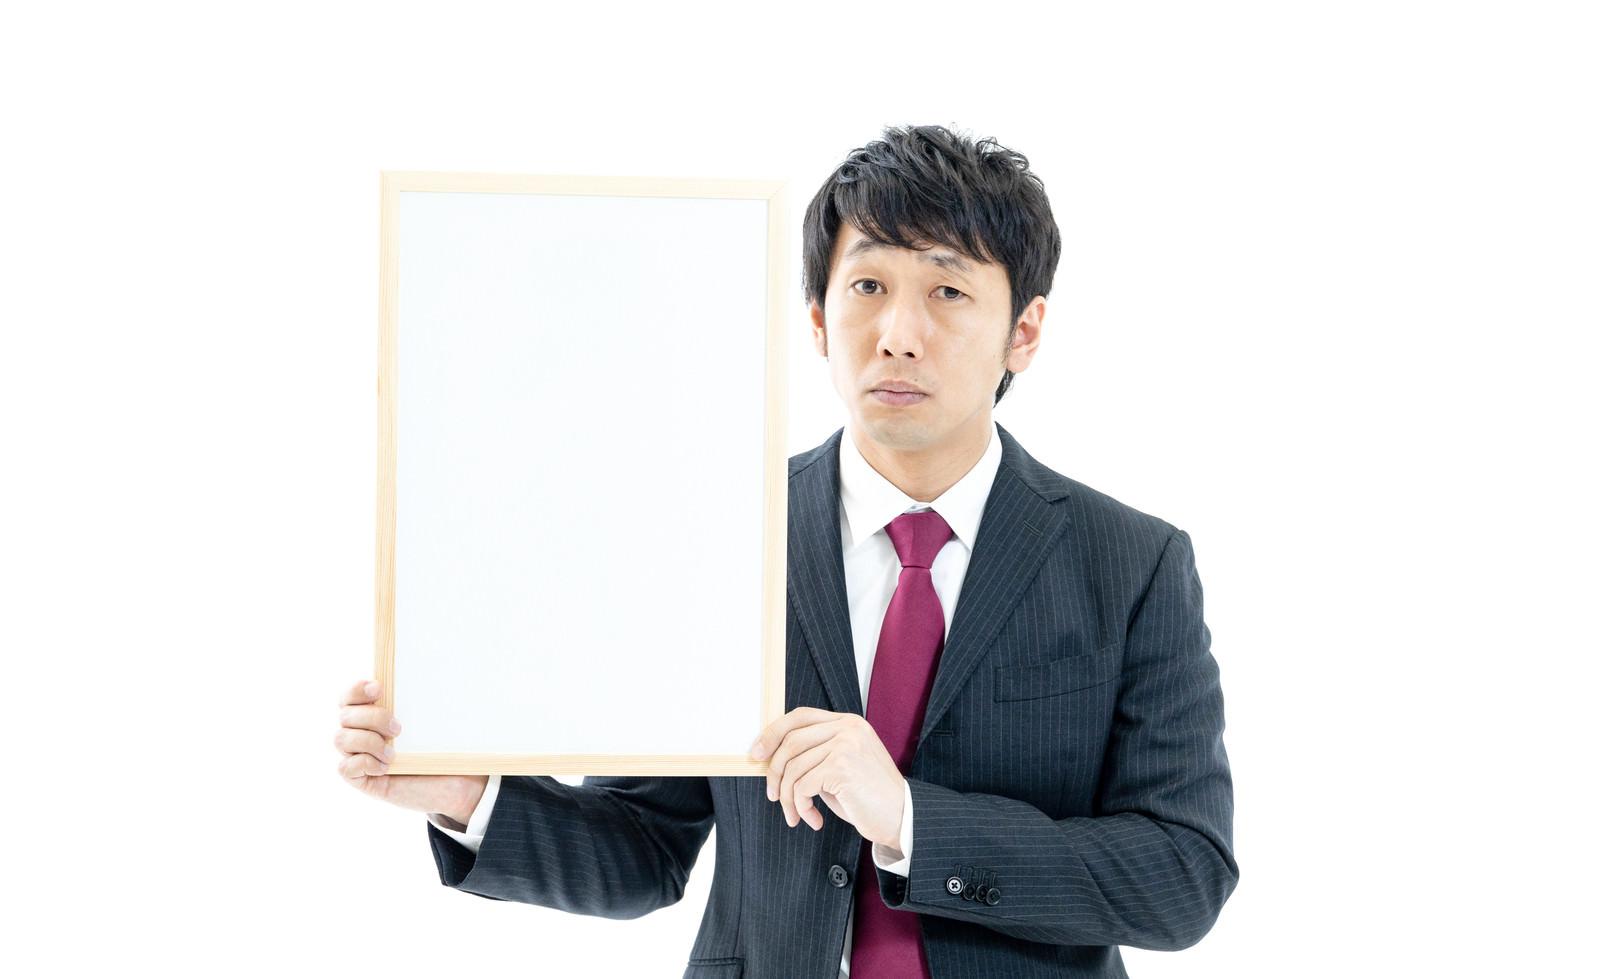 「ドヤ顔でフリップを見せる男性 | 写真の無料素材・フリー素材 - ぱくたそ」の写真[モデル:大川竜弥]